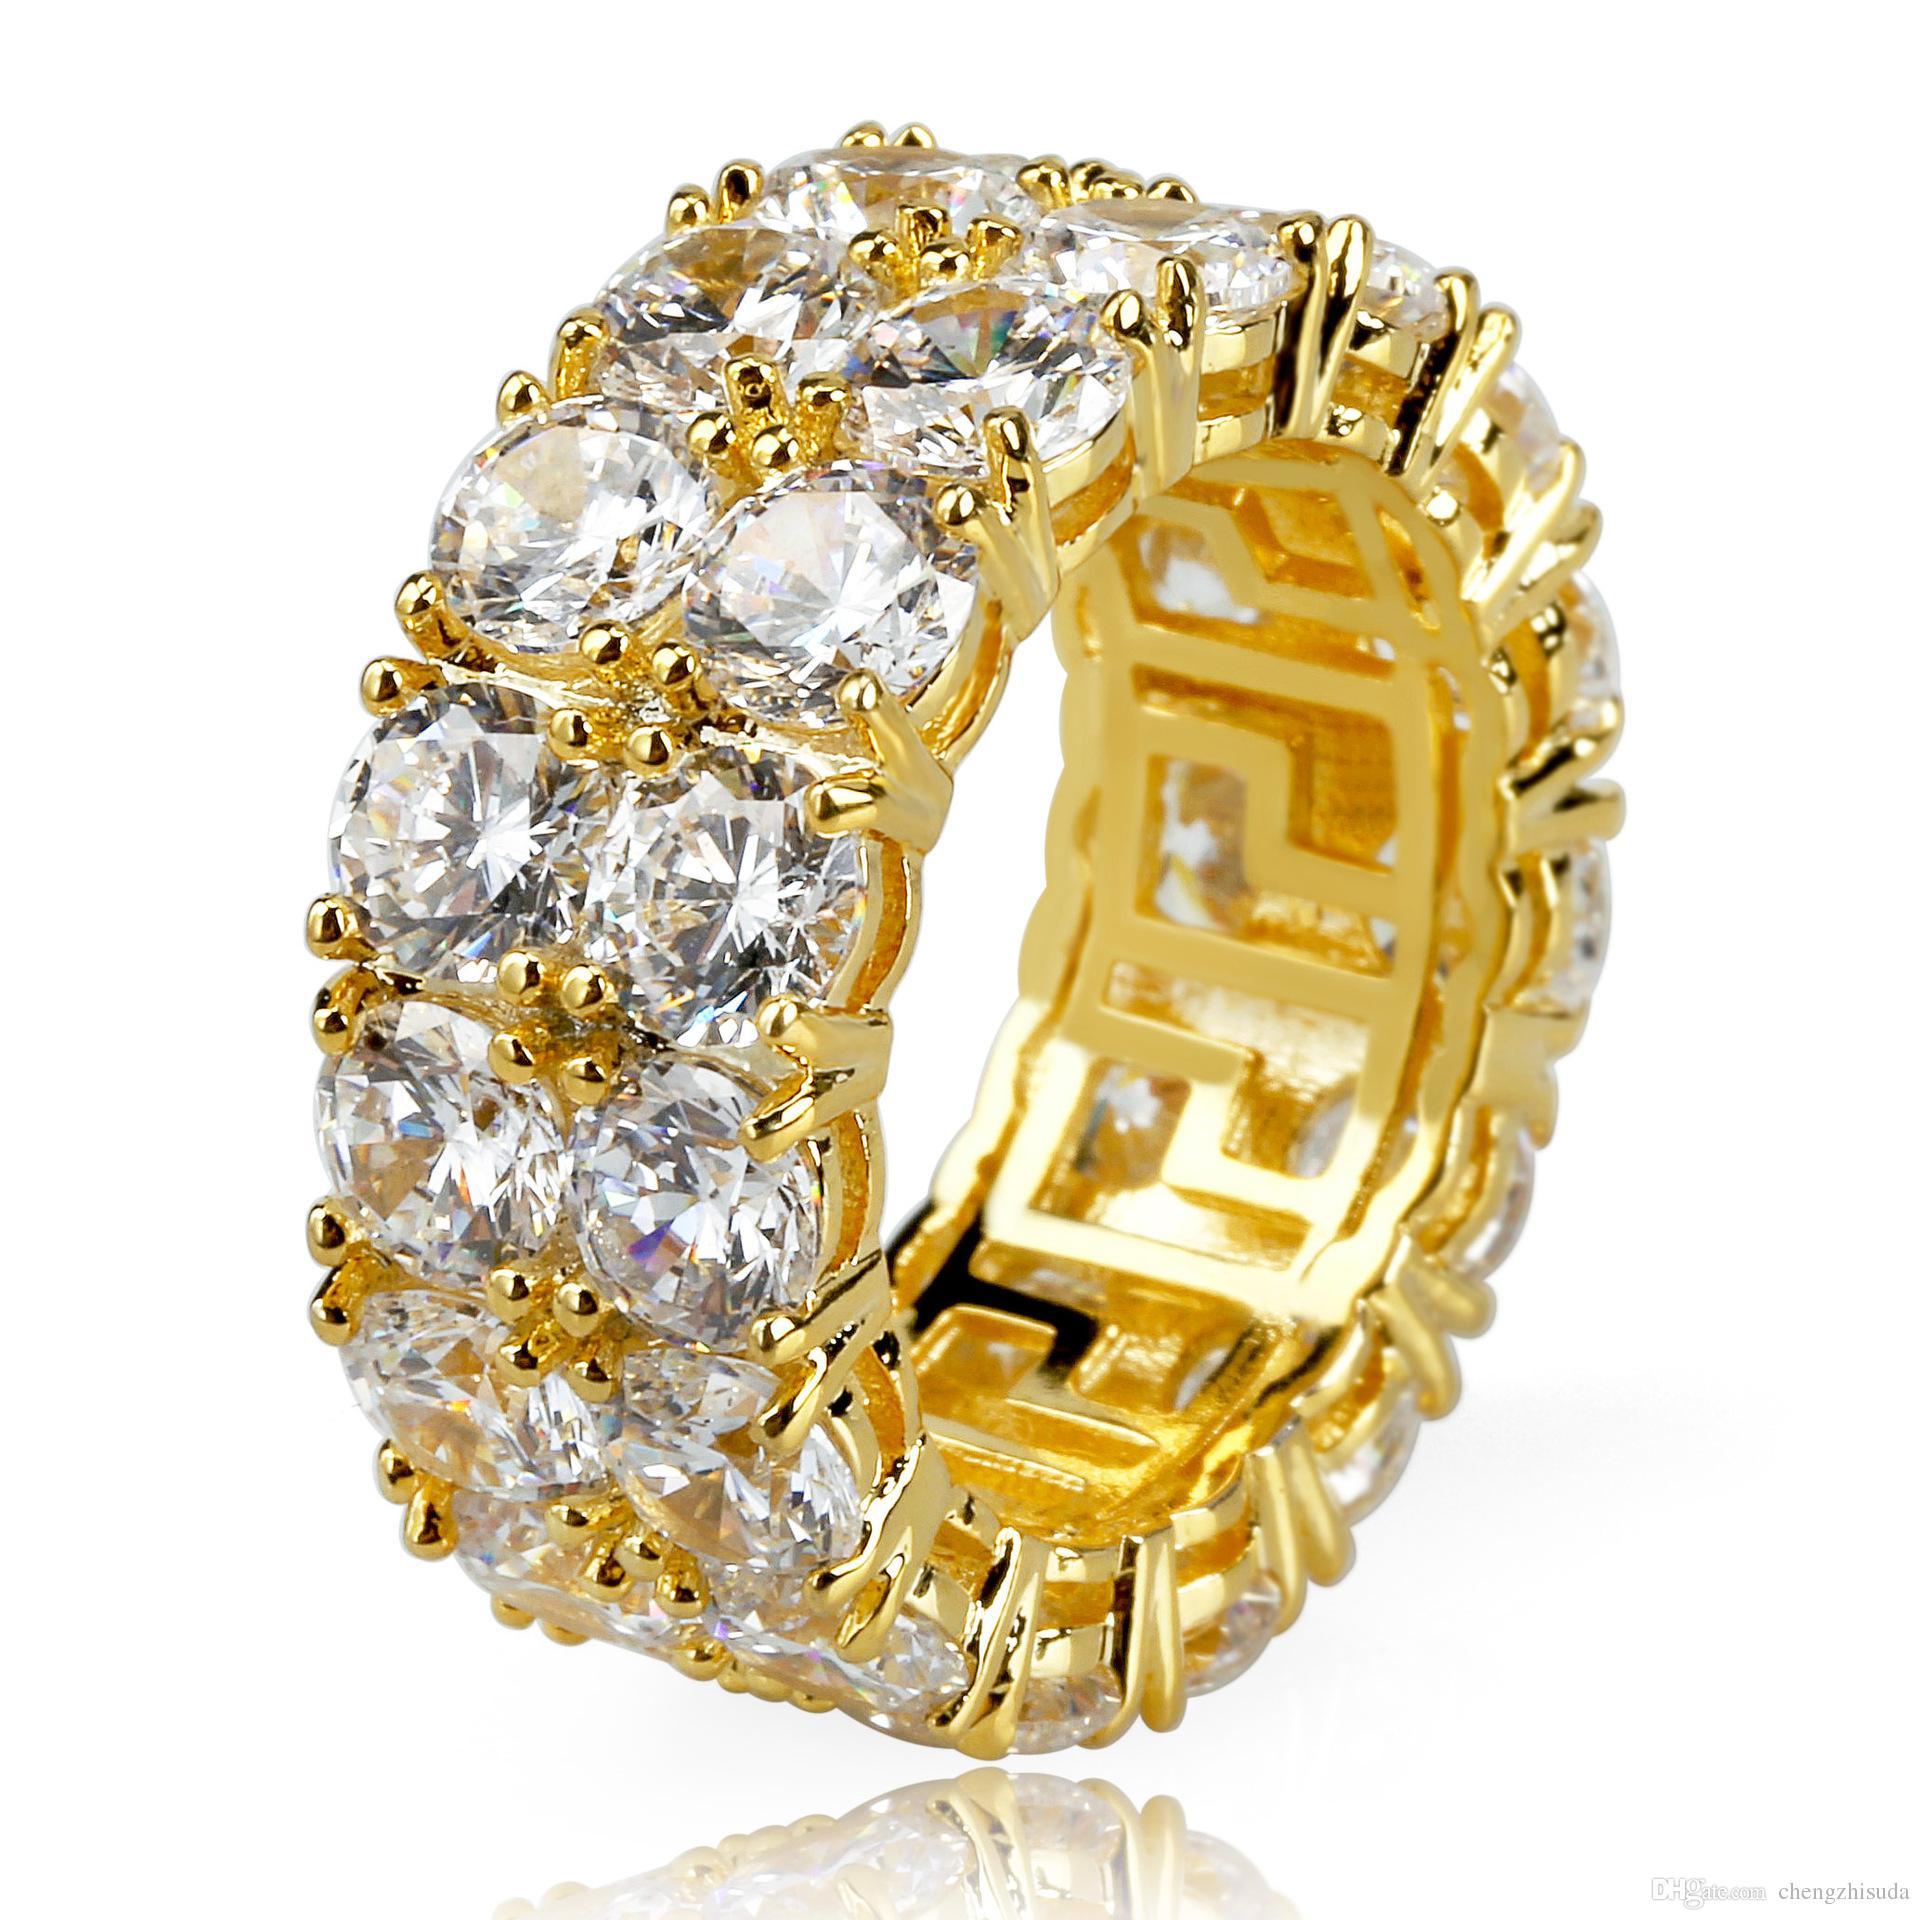 Größe 7-12 Hip Hop 2 Row Runde Solitaire Zirkon Tennis Ring für Männer Frauen Gold Silber Farben